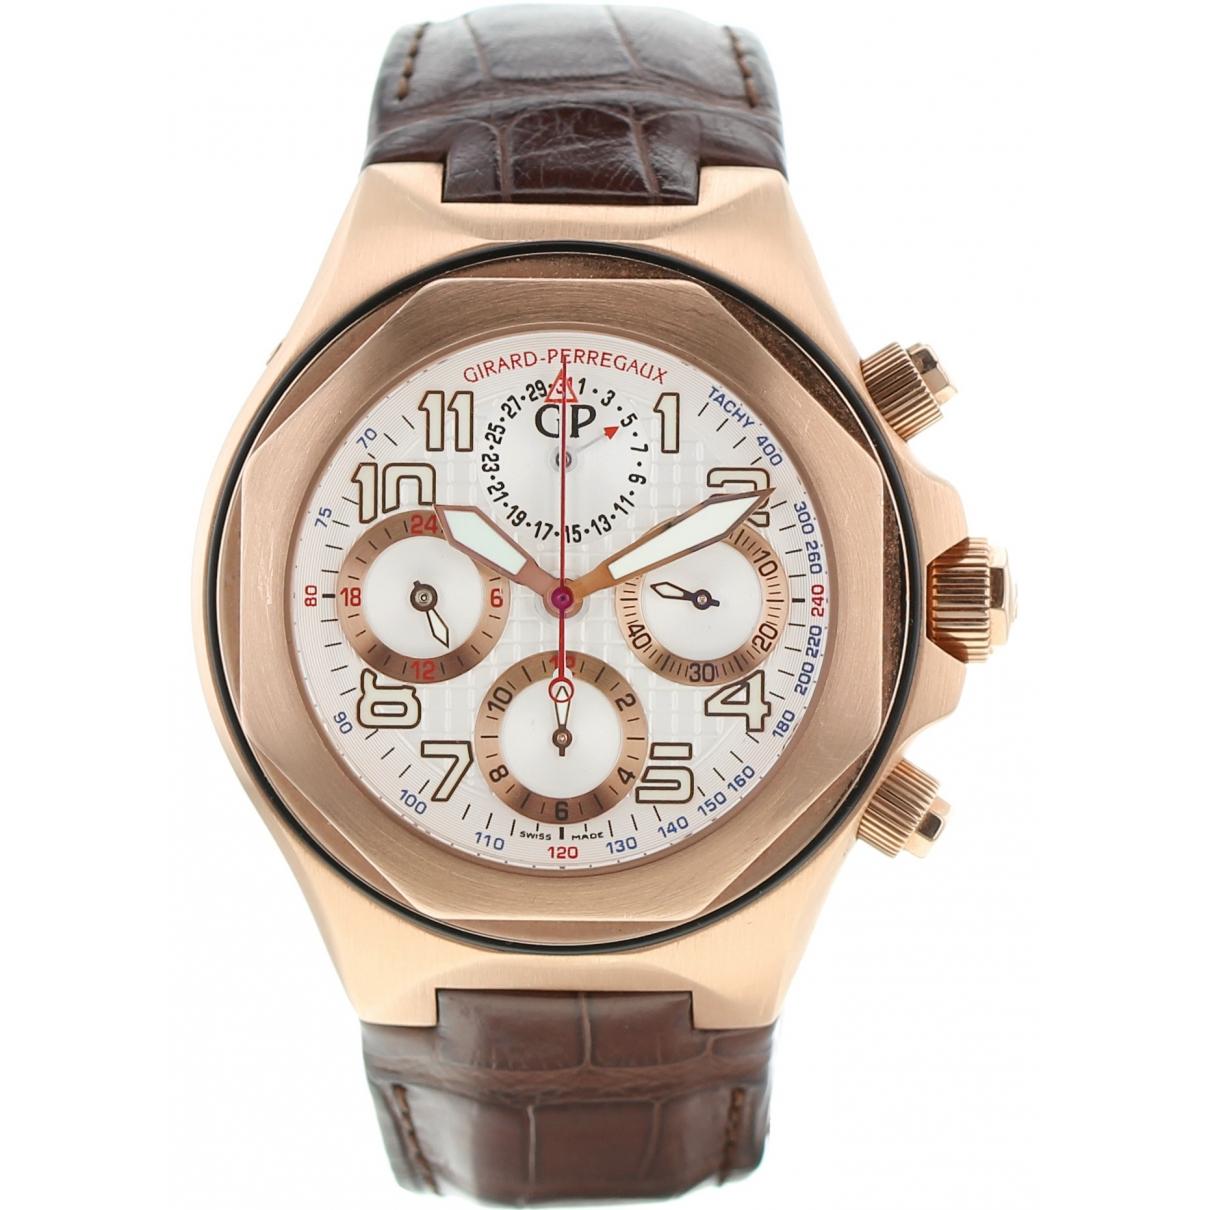 Girard Perregaux \N Pink gold watch for Men \N